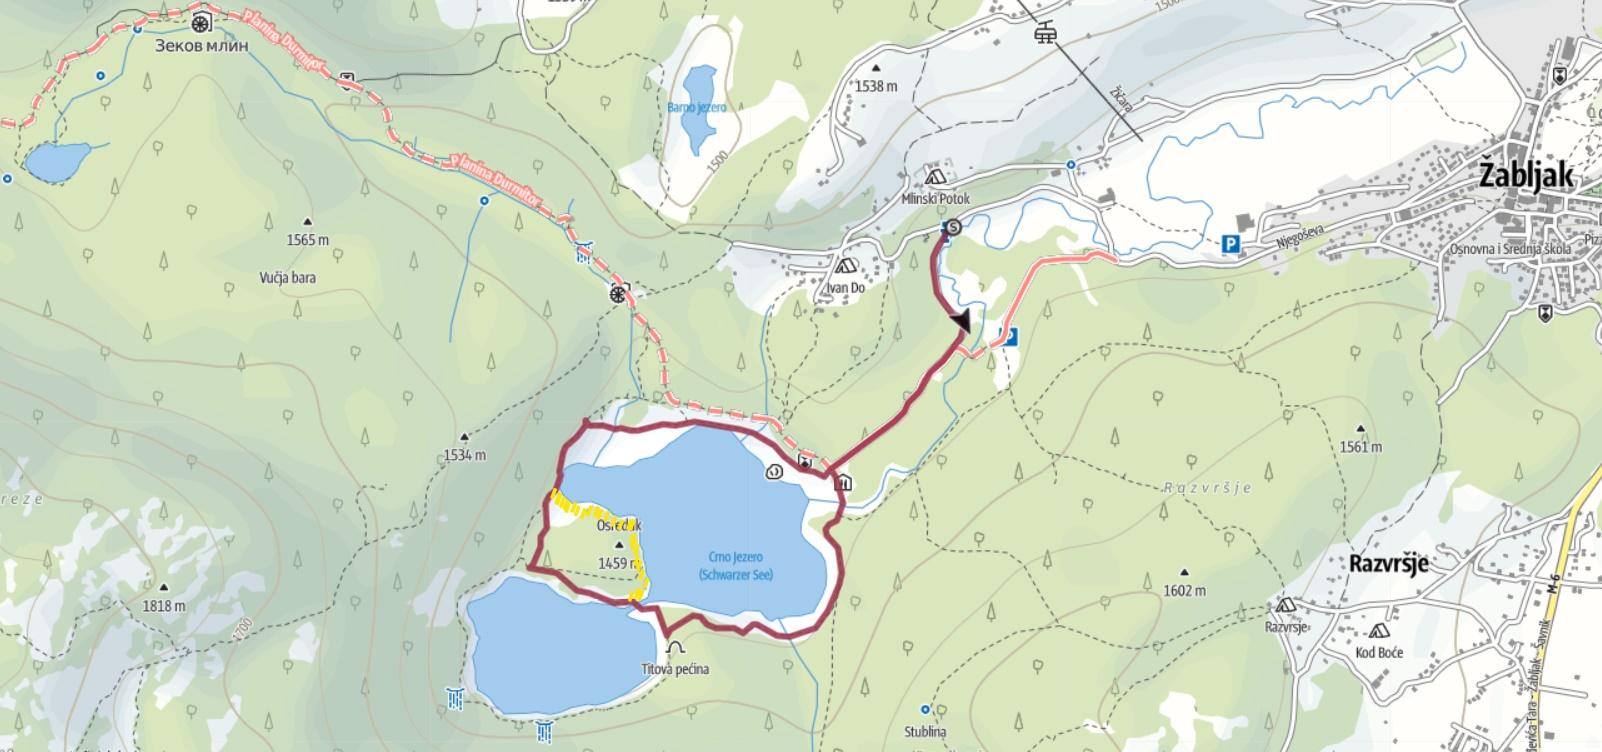 Crno Jezero Tour +